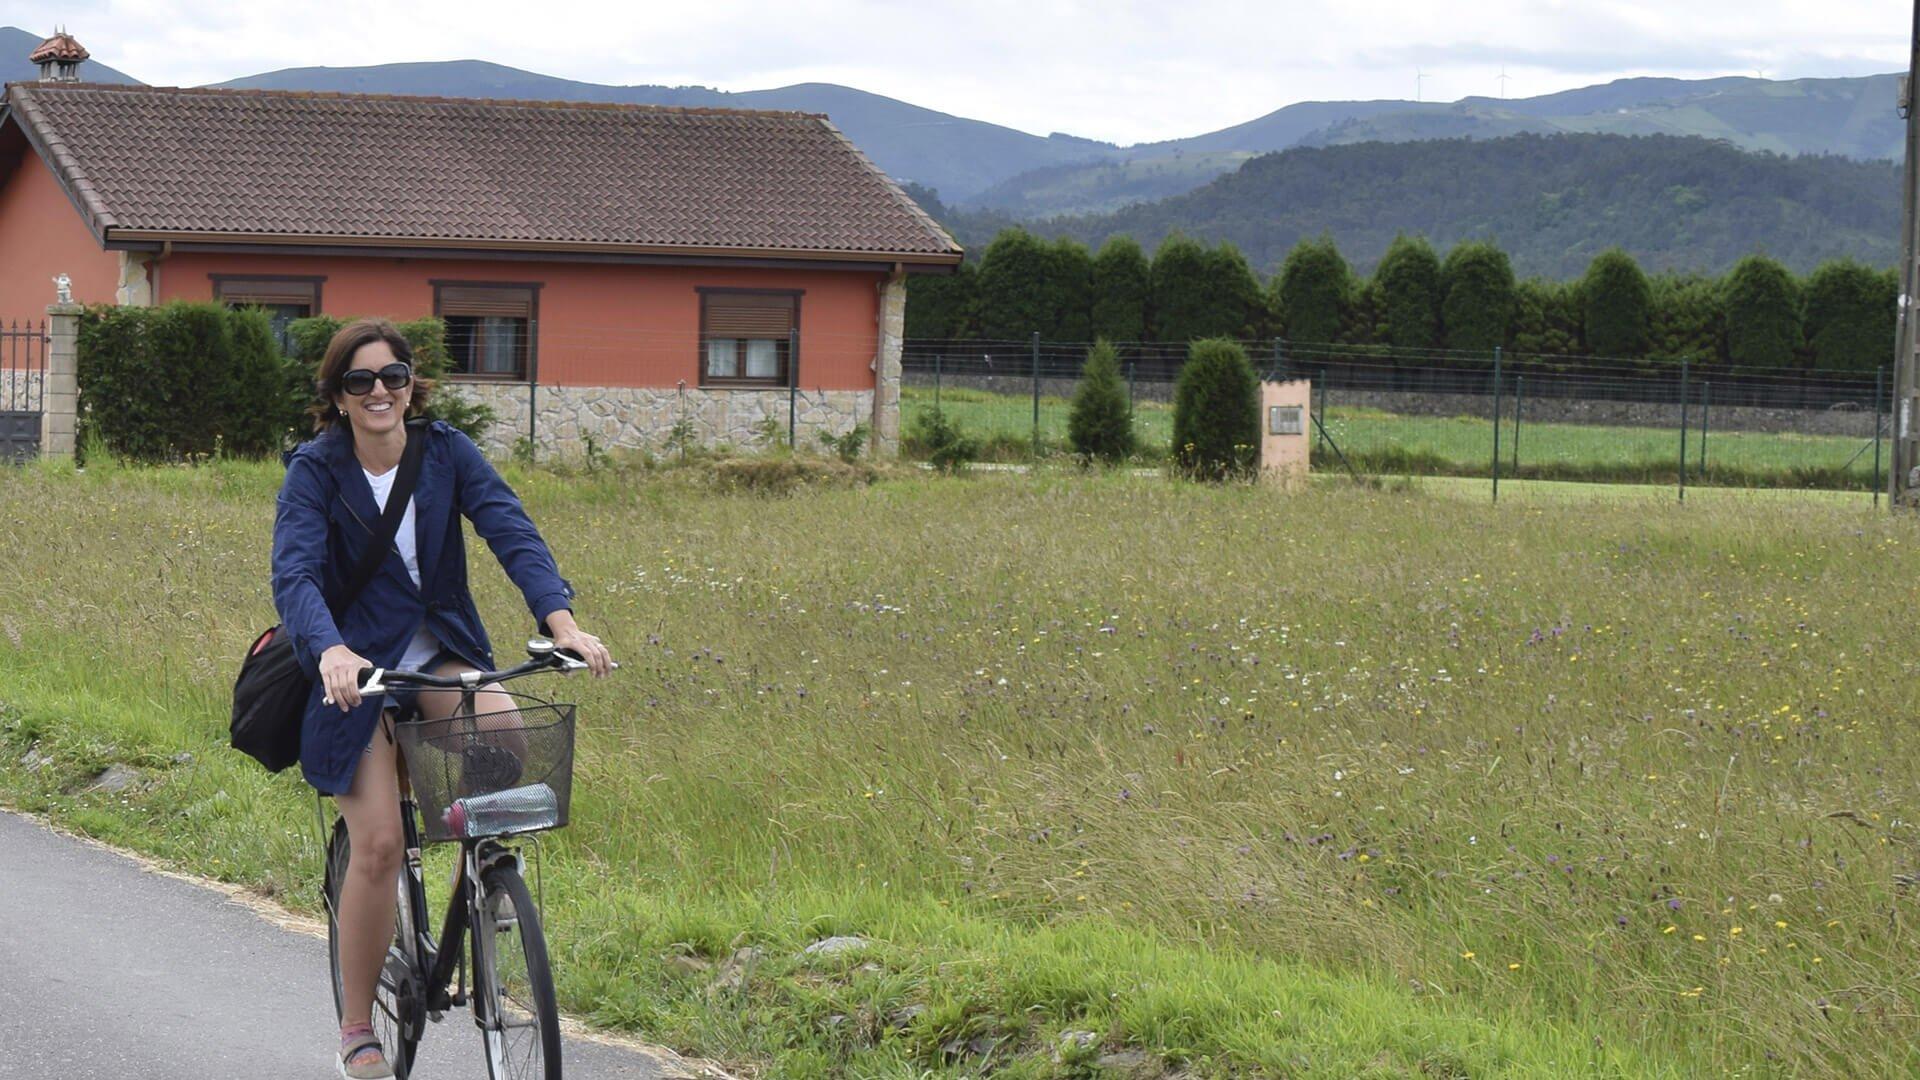 Ir en bicicleta permite que disfrutes más del paisaje, hagas ejercicios y ayudes a cuidar el medio ambiente.